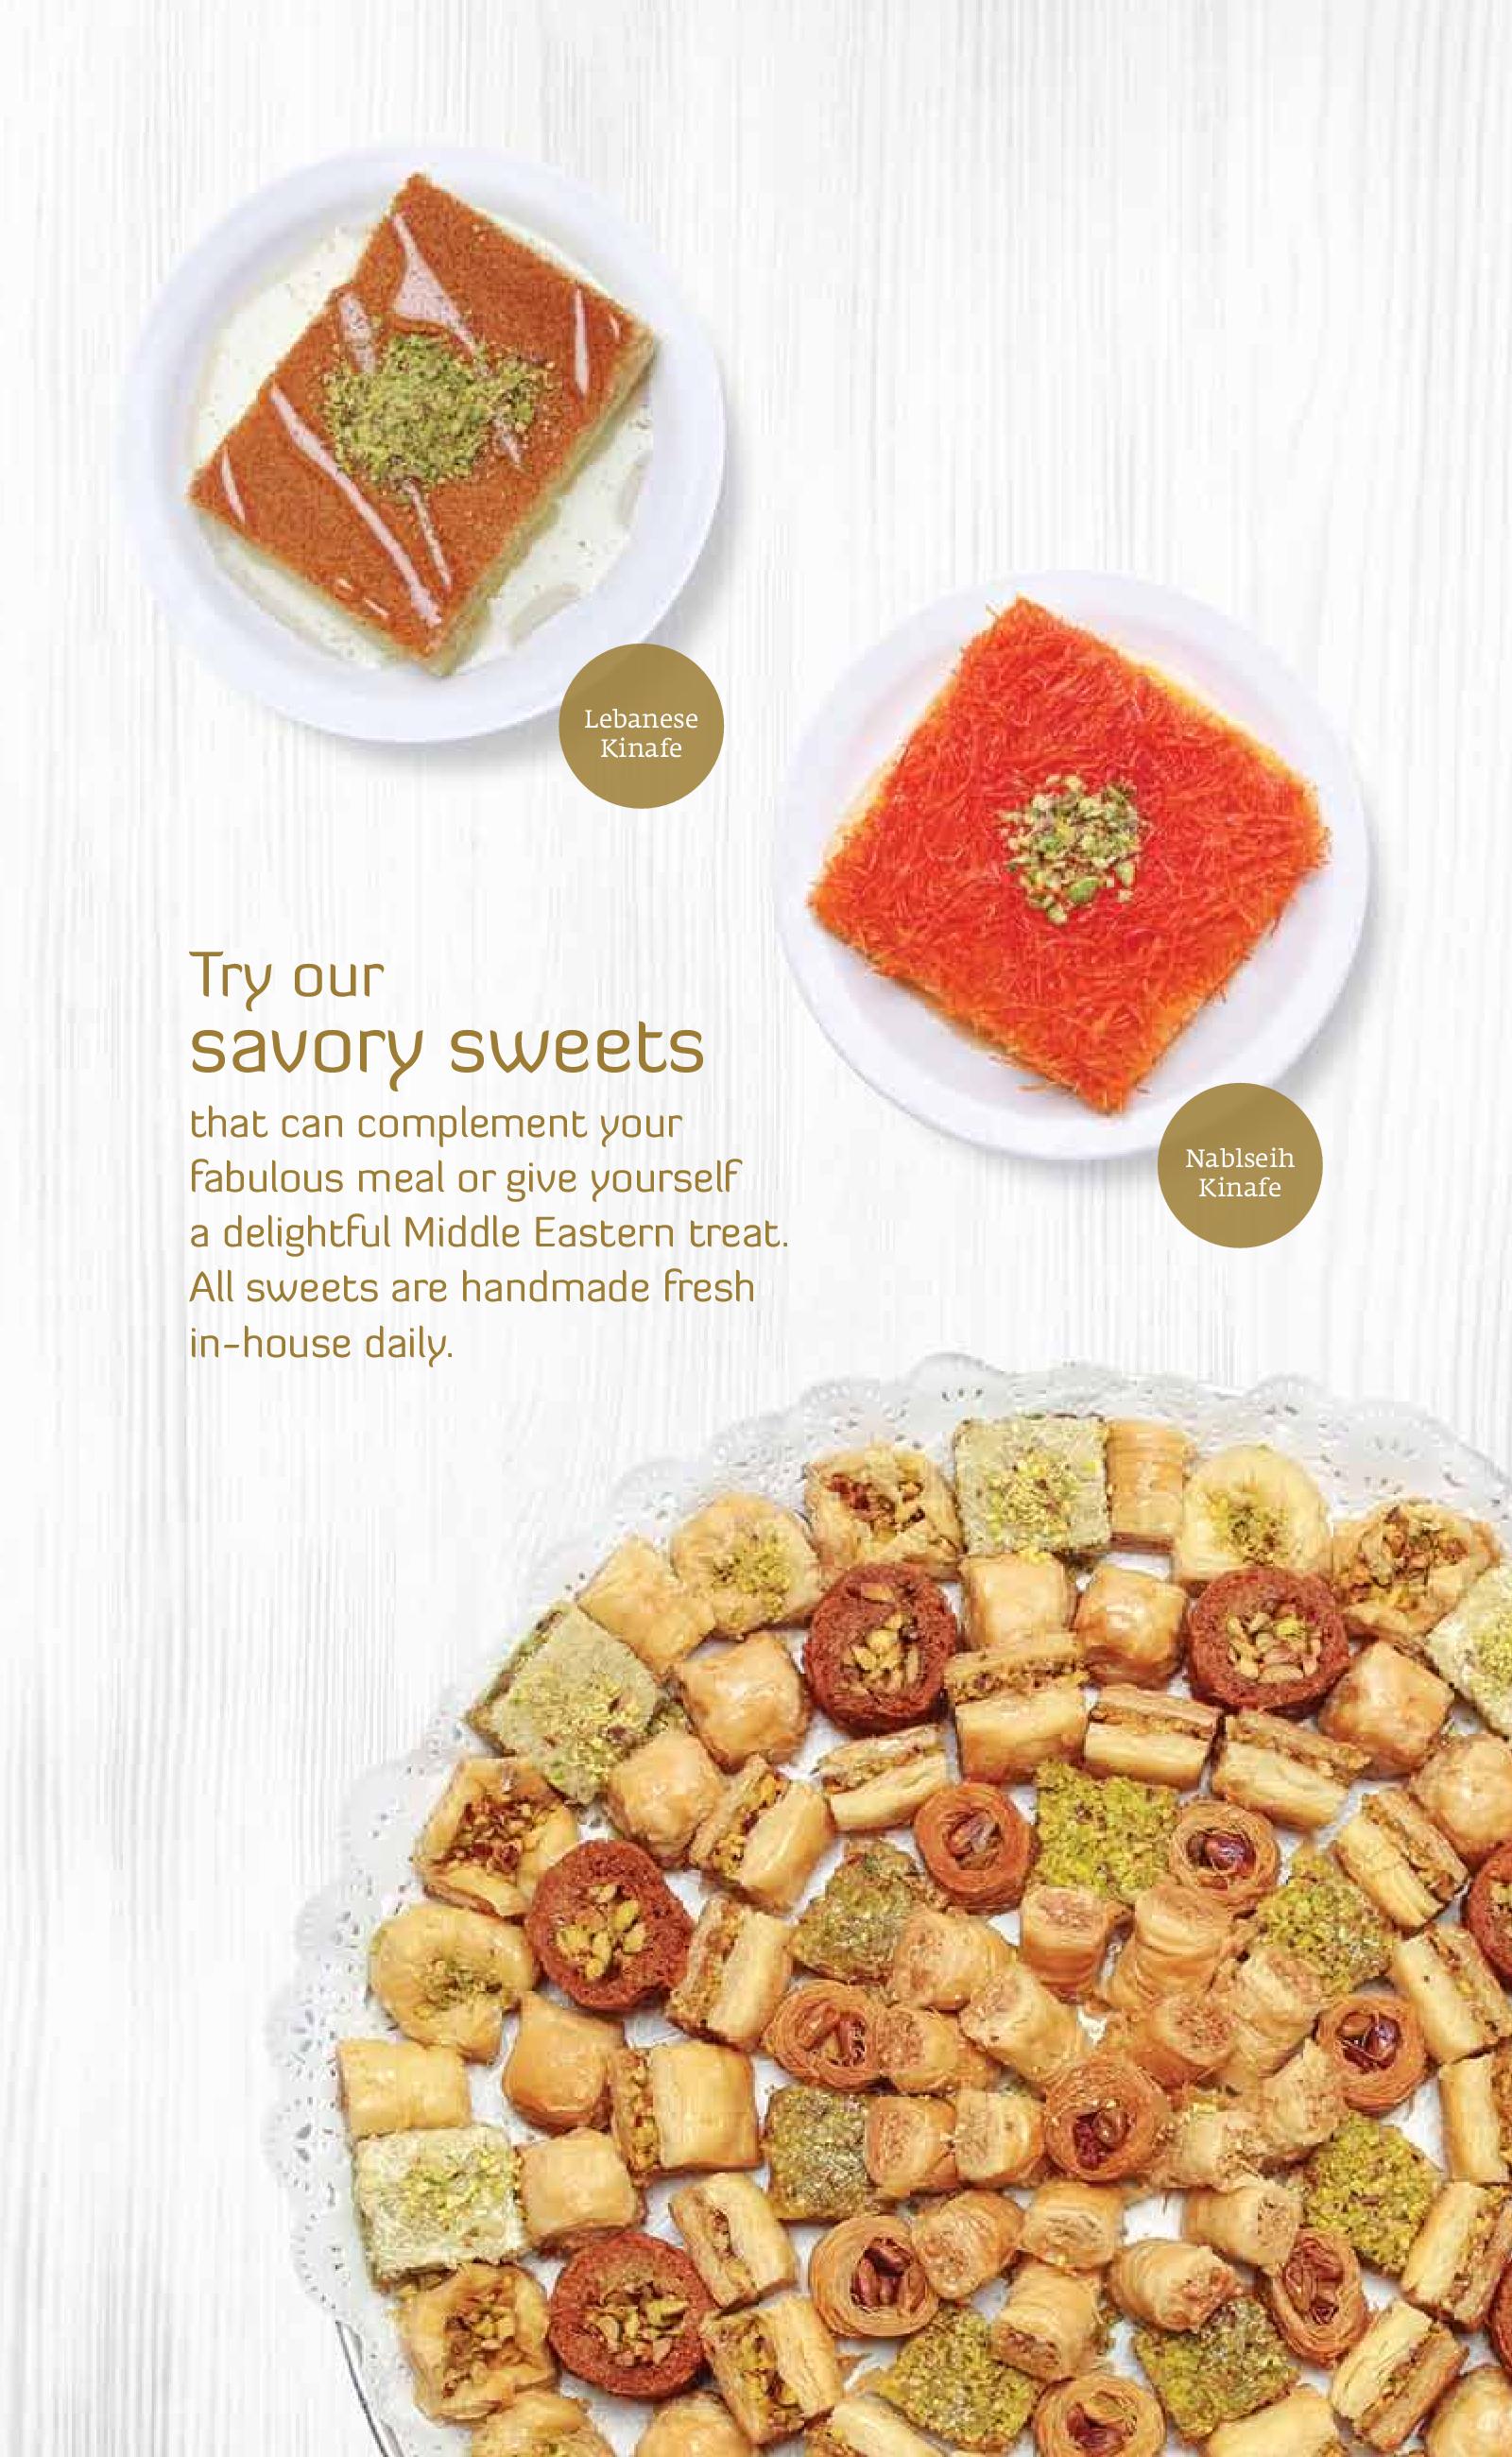 011-insert-menu-sweets-f-cs6_pk_2